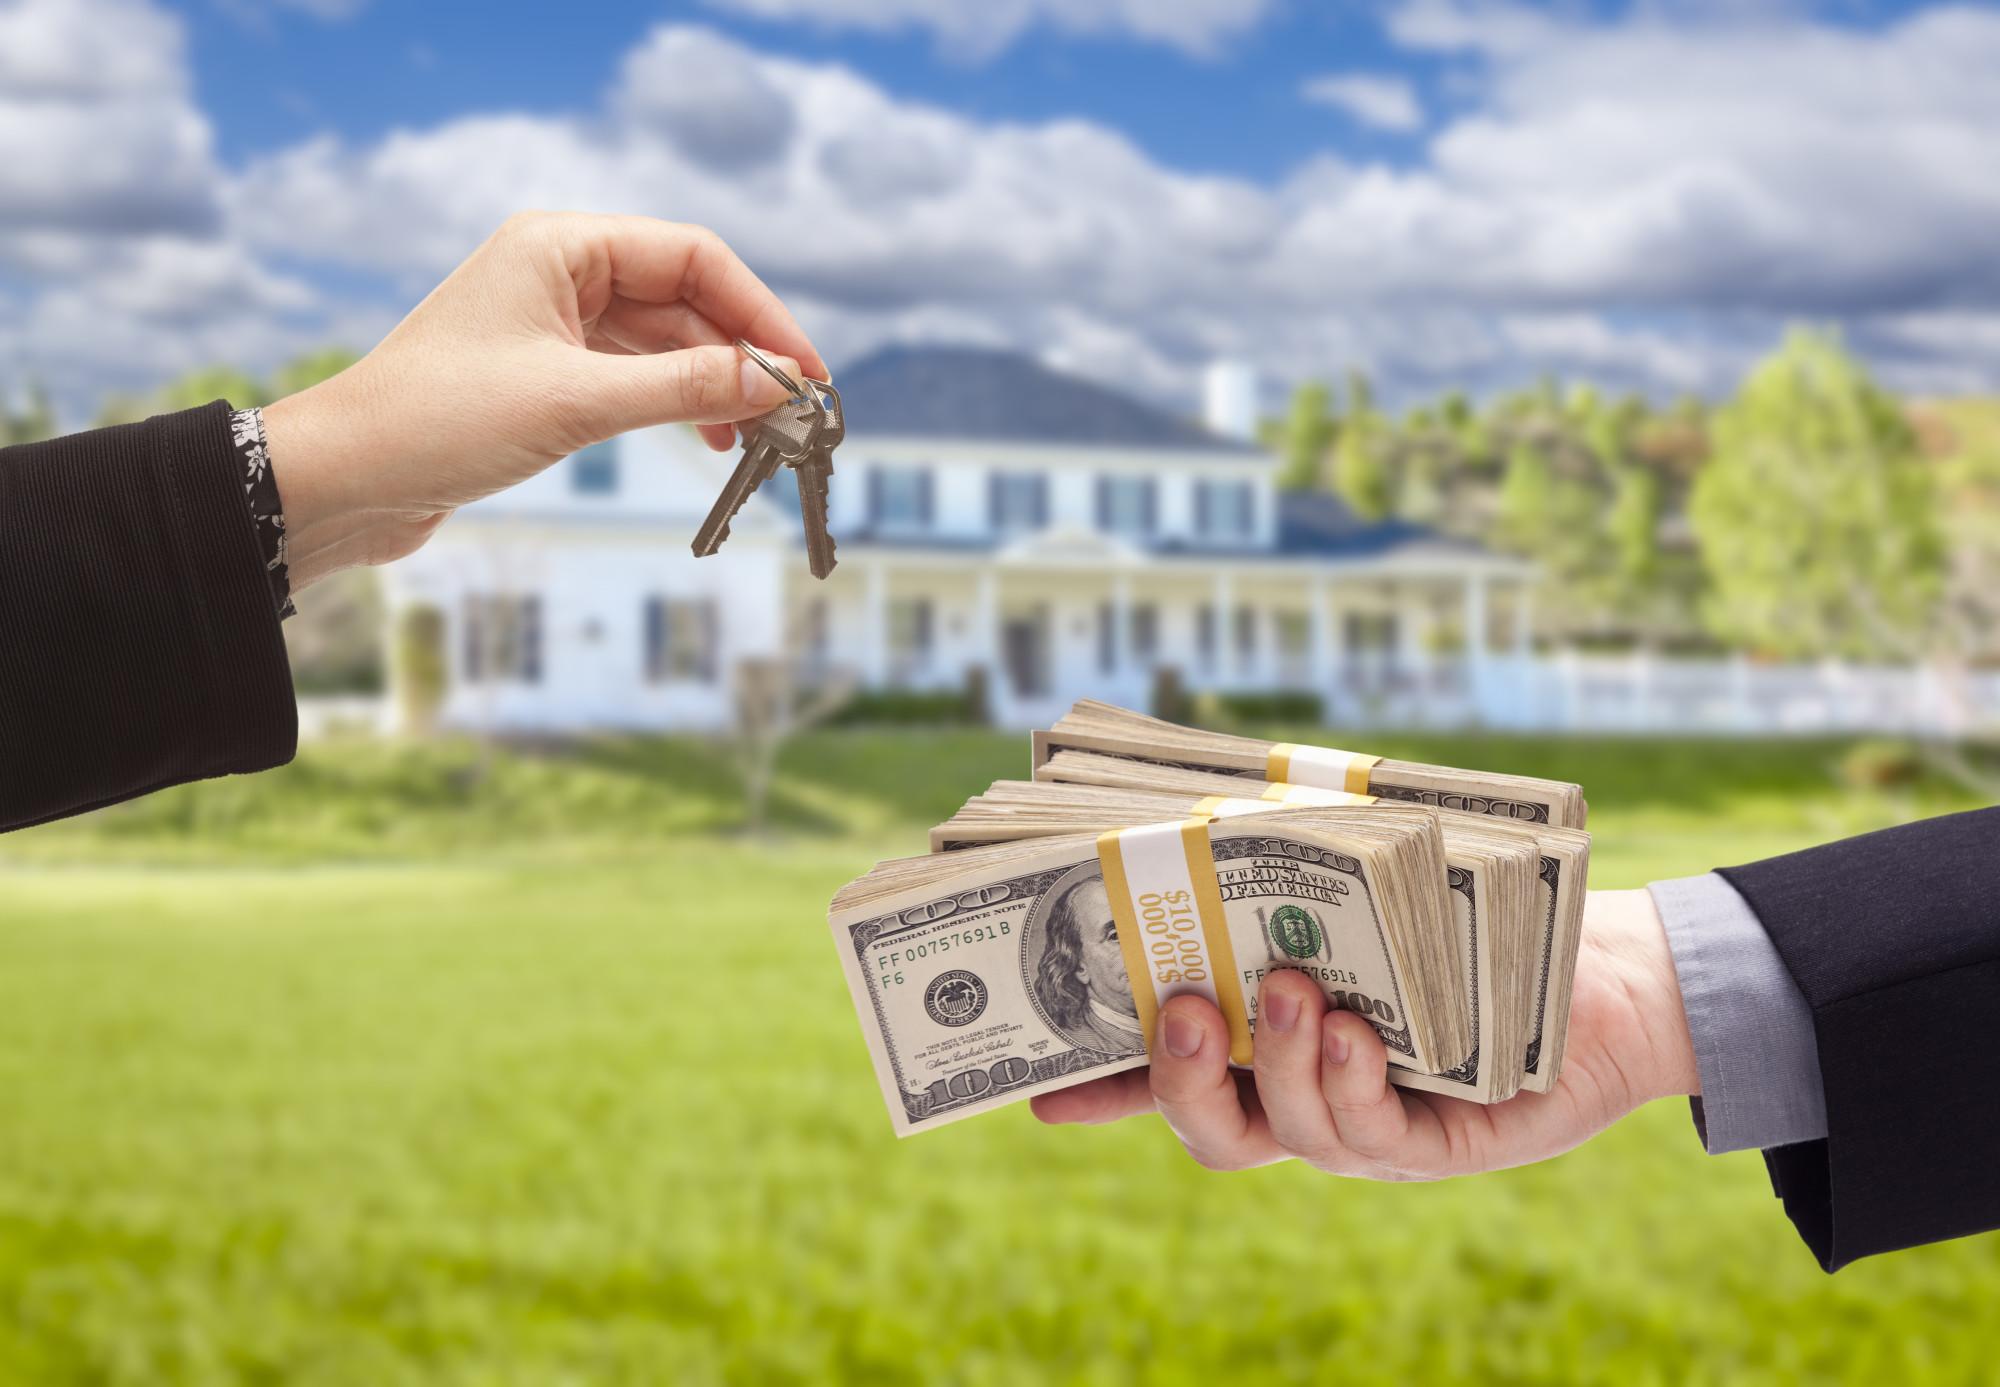 Handing Over Cash For House Keys